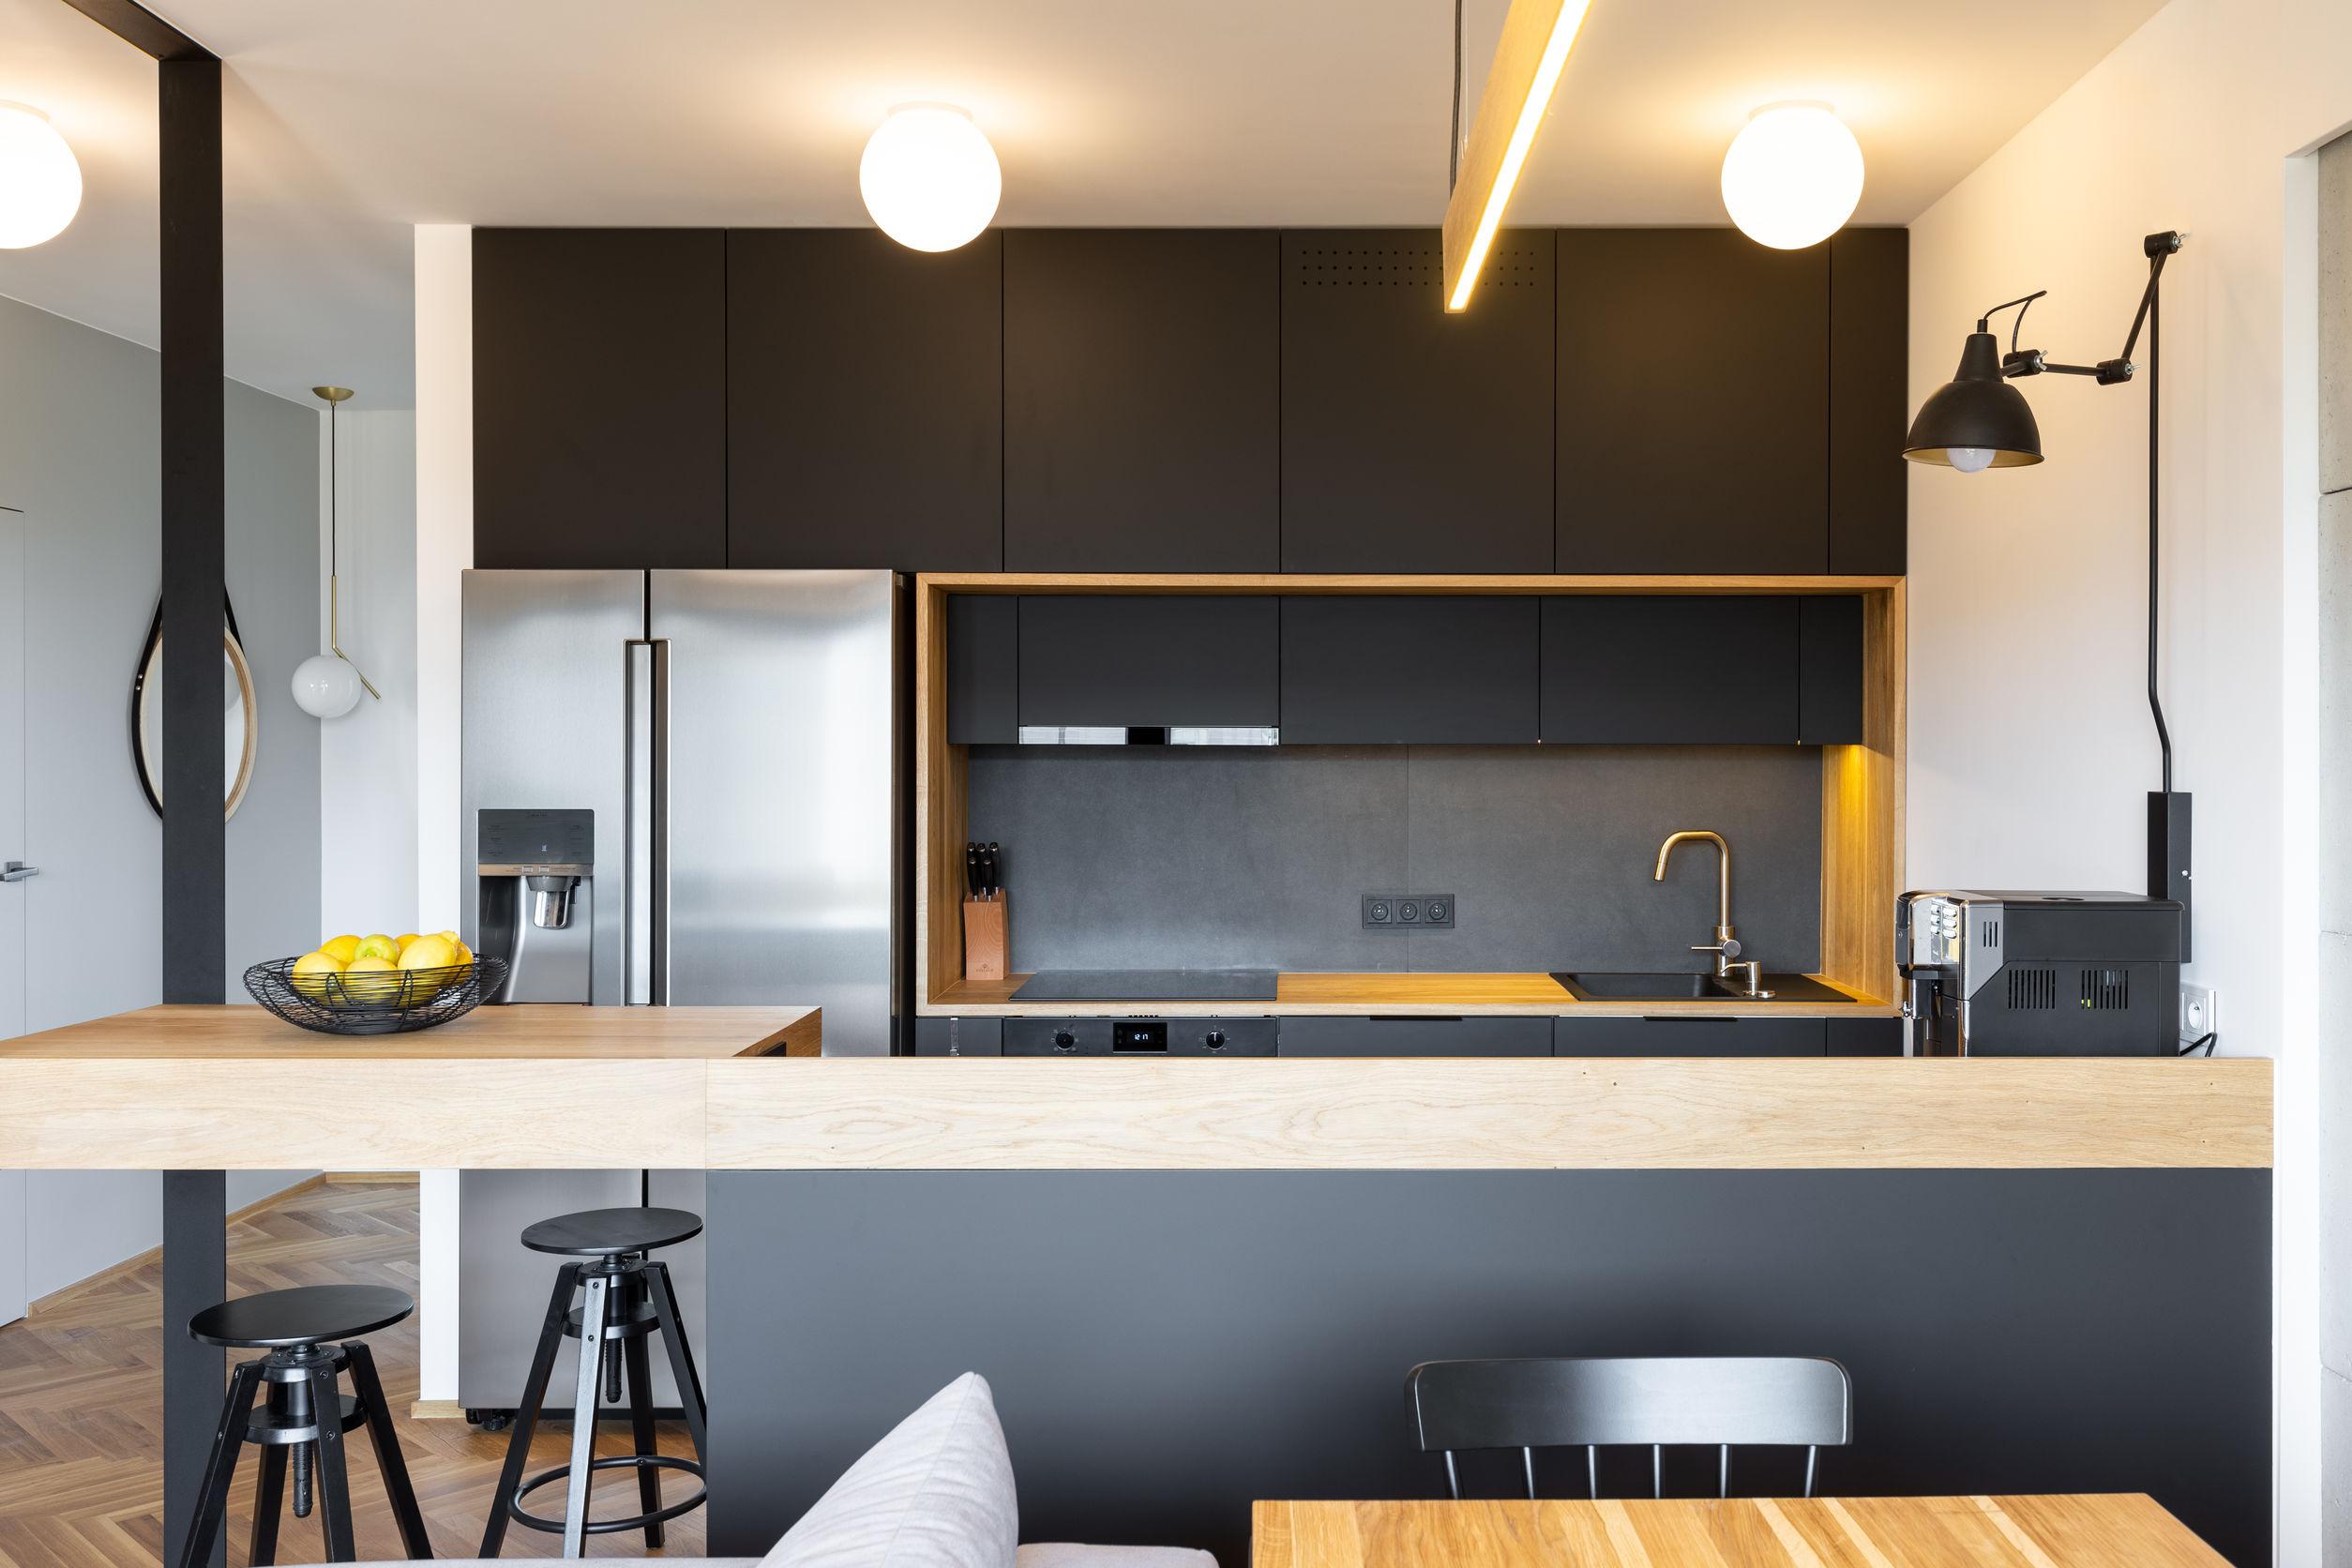 Muebles de madera negra y una lámpara industrial sobre una máquina de café en un hermoso y moderno interior de cocina con comedor.